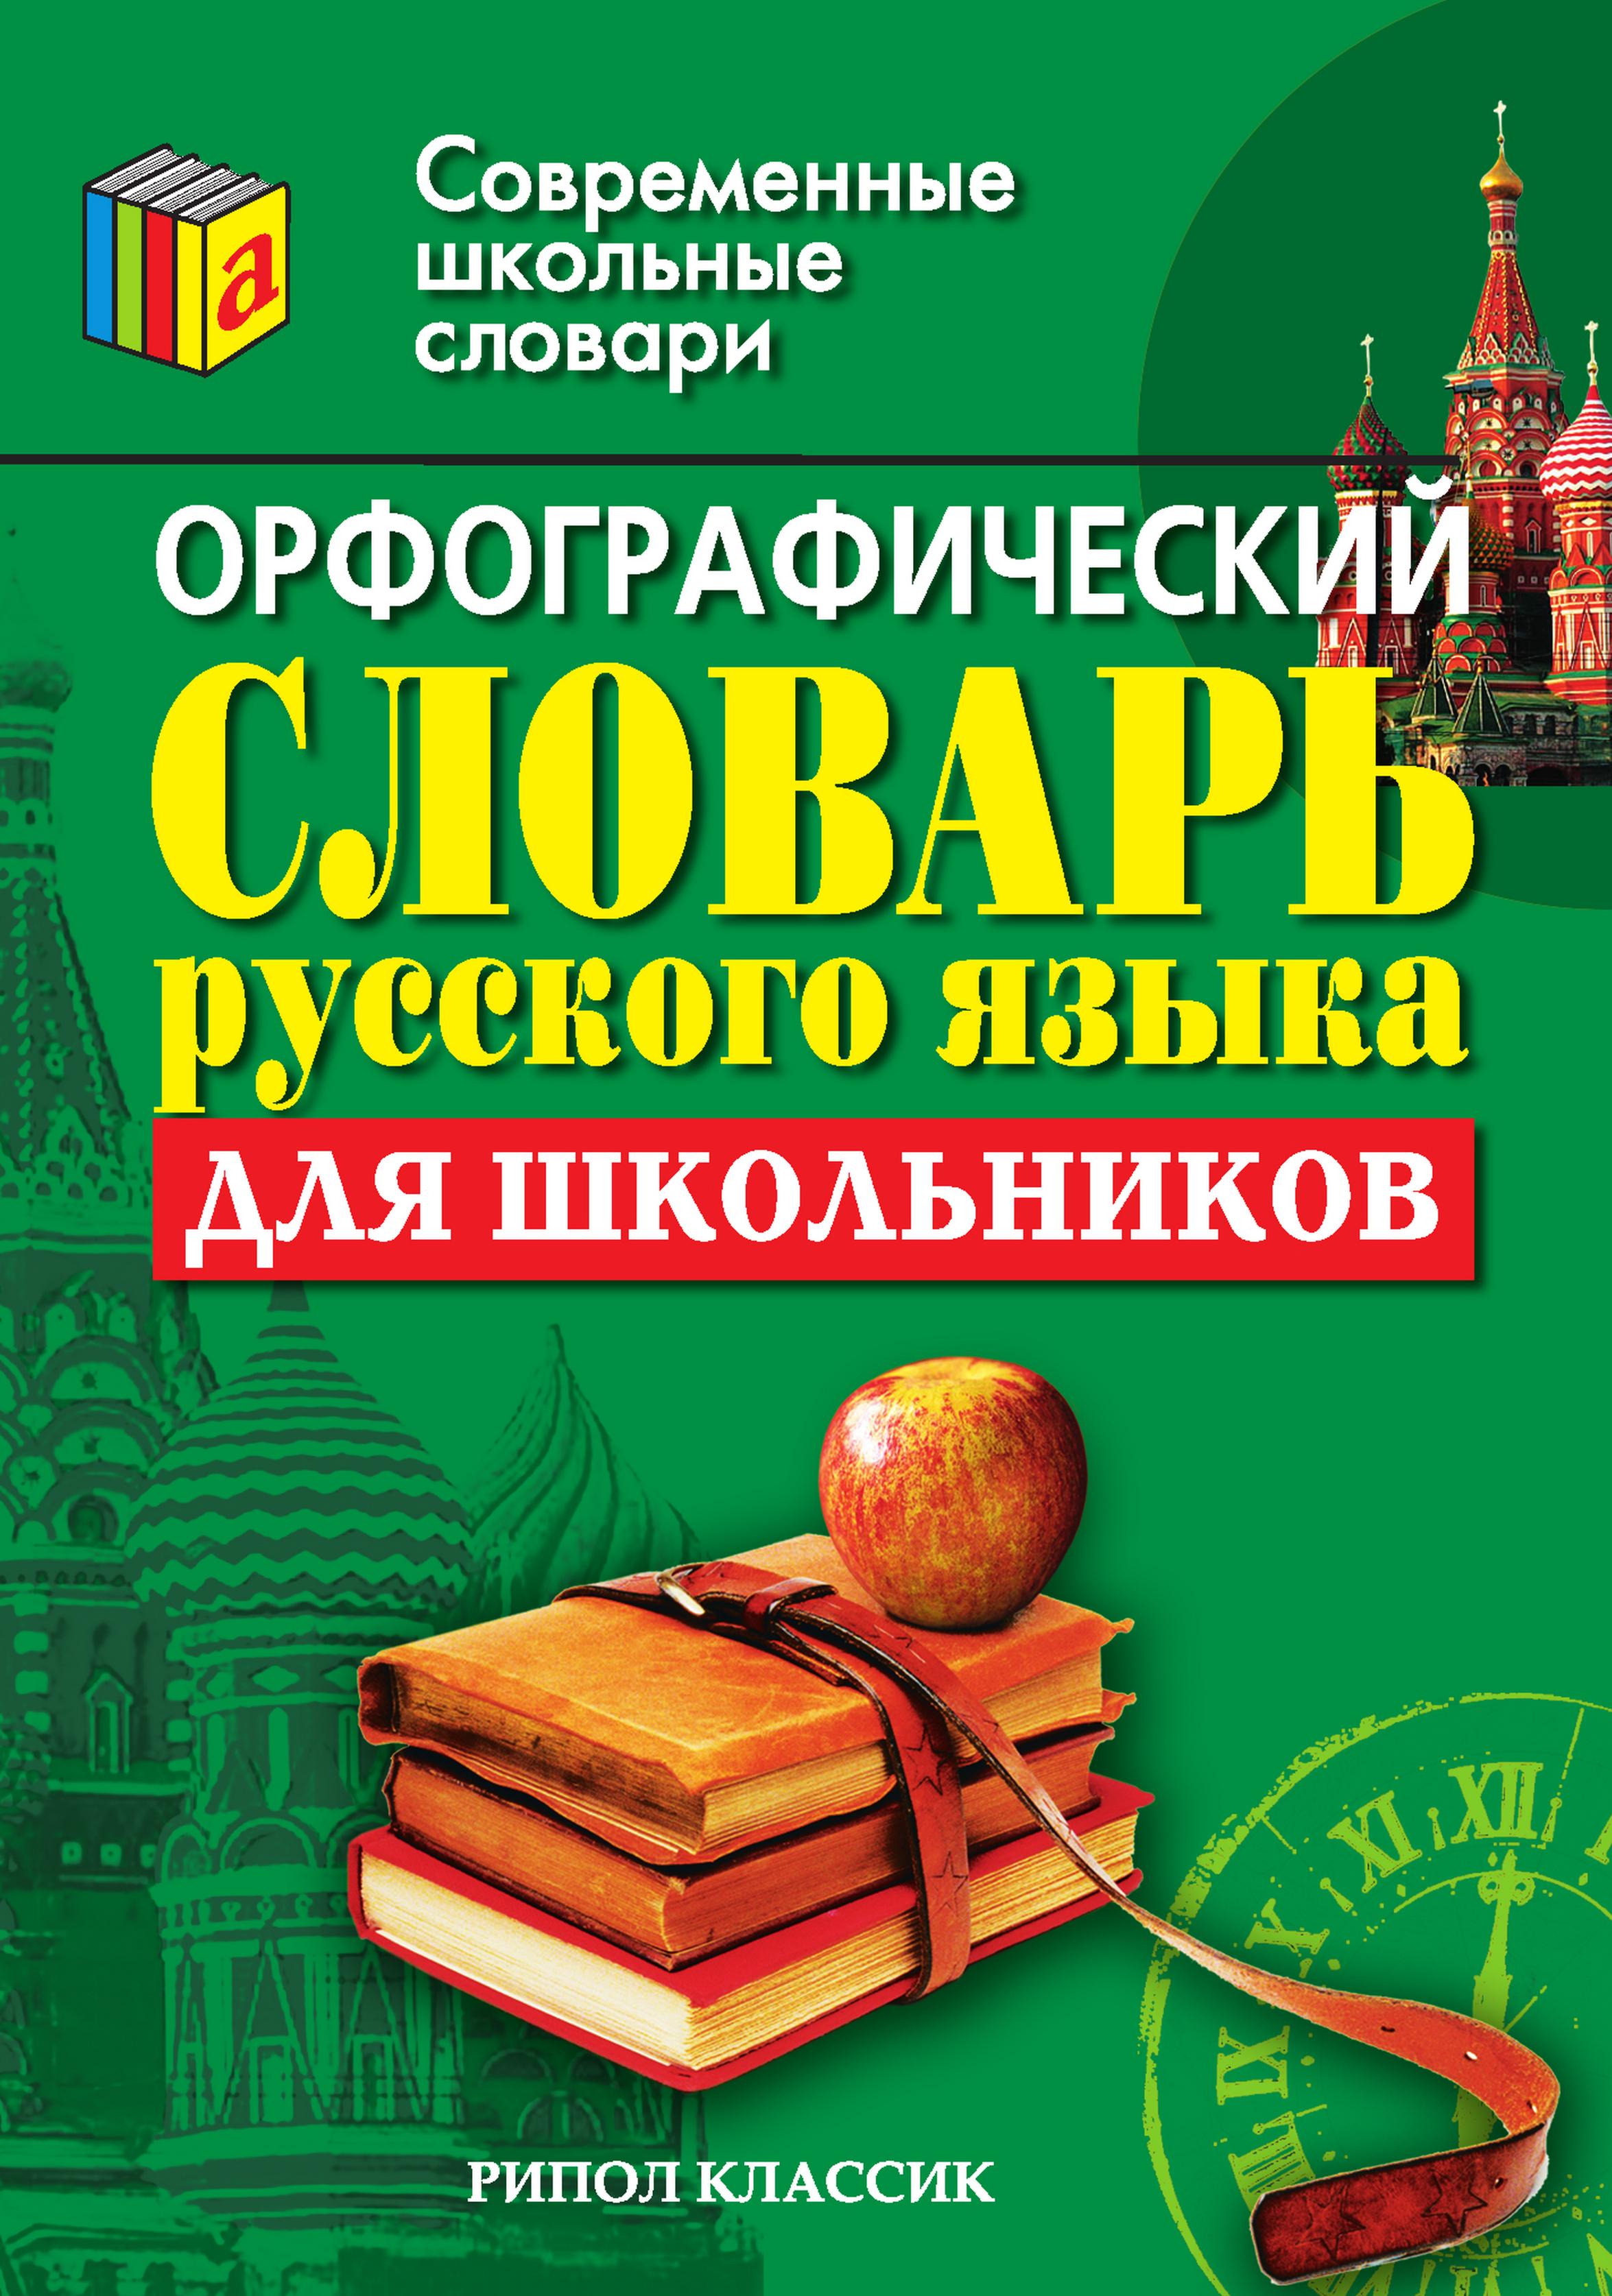 Отсутствует Орфографический словарь русского языка для школьников цена